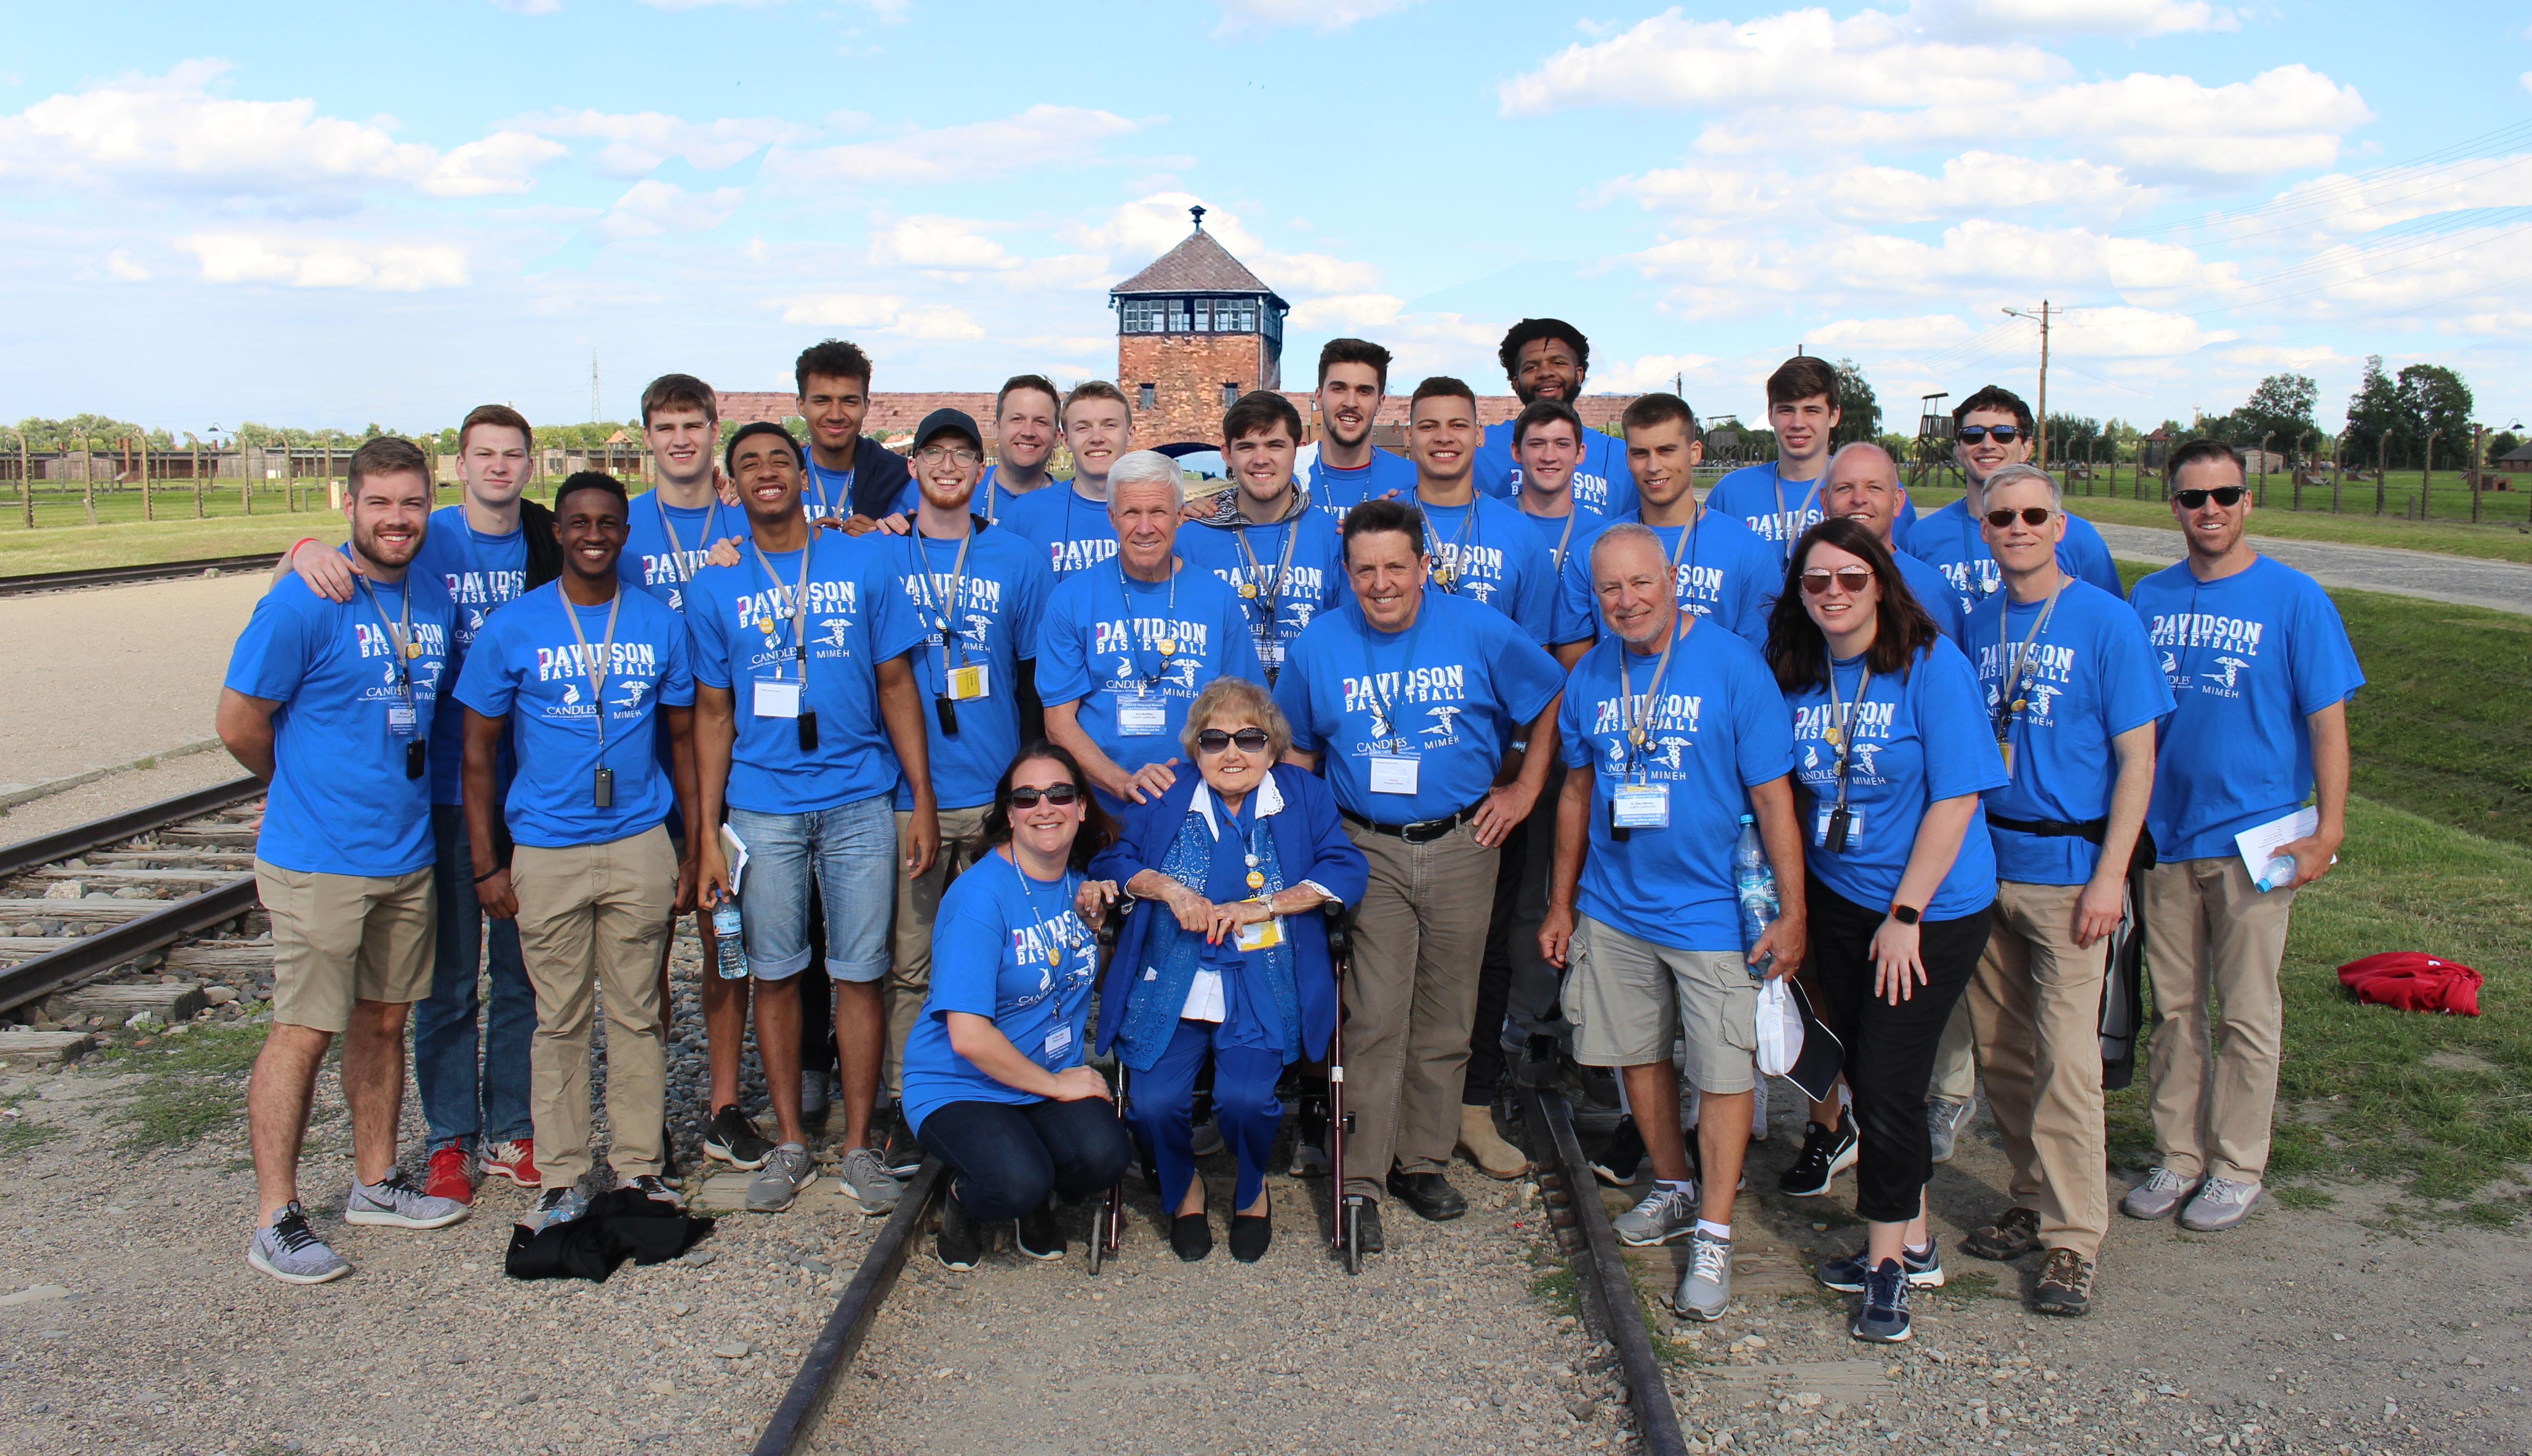 Auschwitz Trip Reflections 3